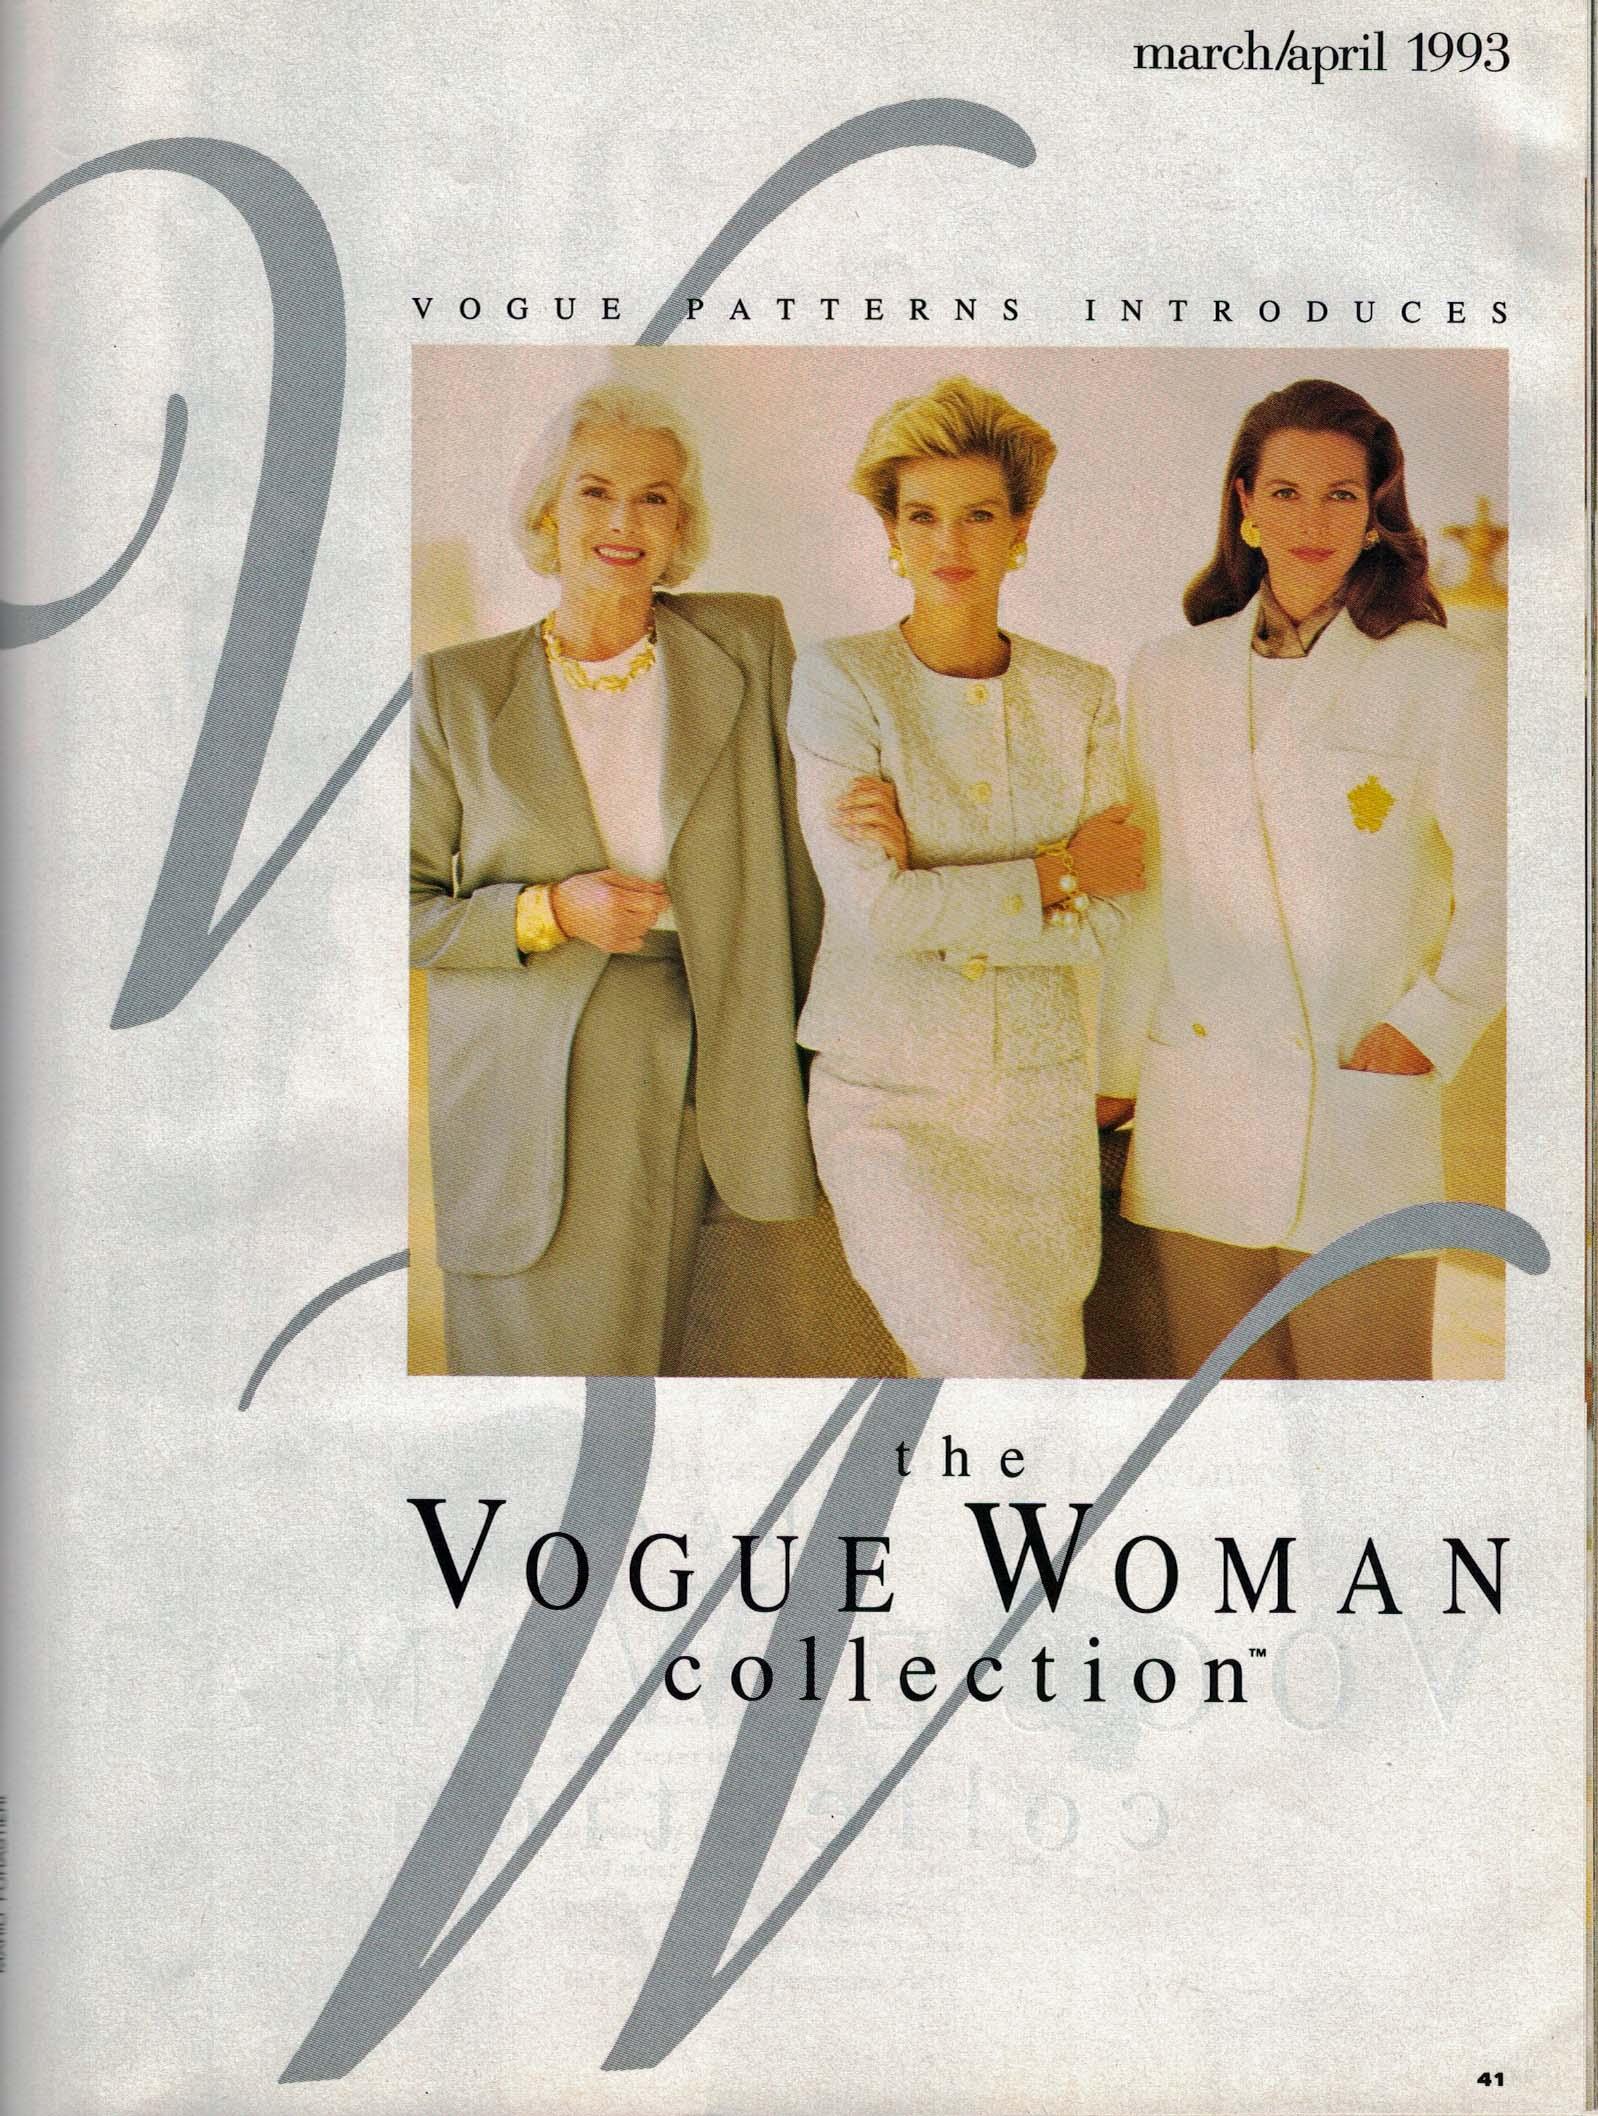 Vogue Patterns, March/April 1993